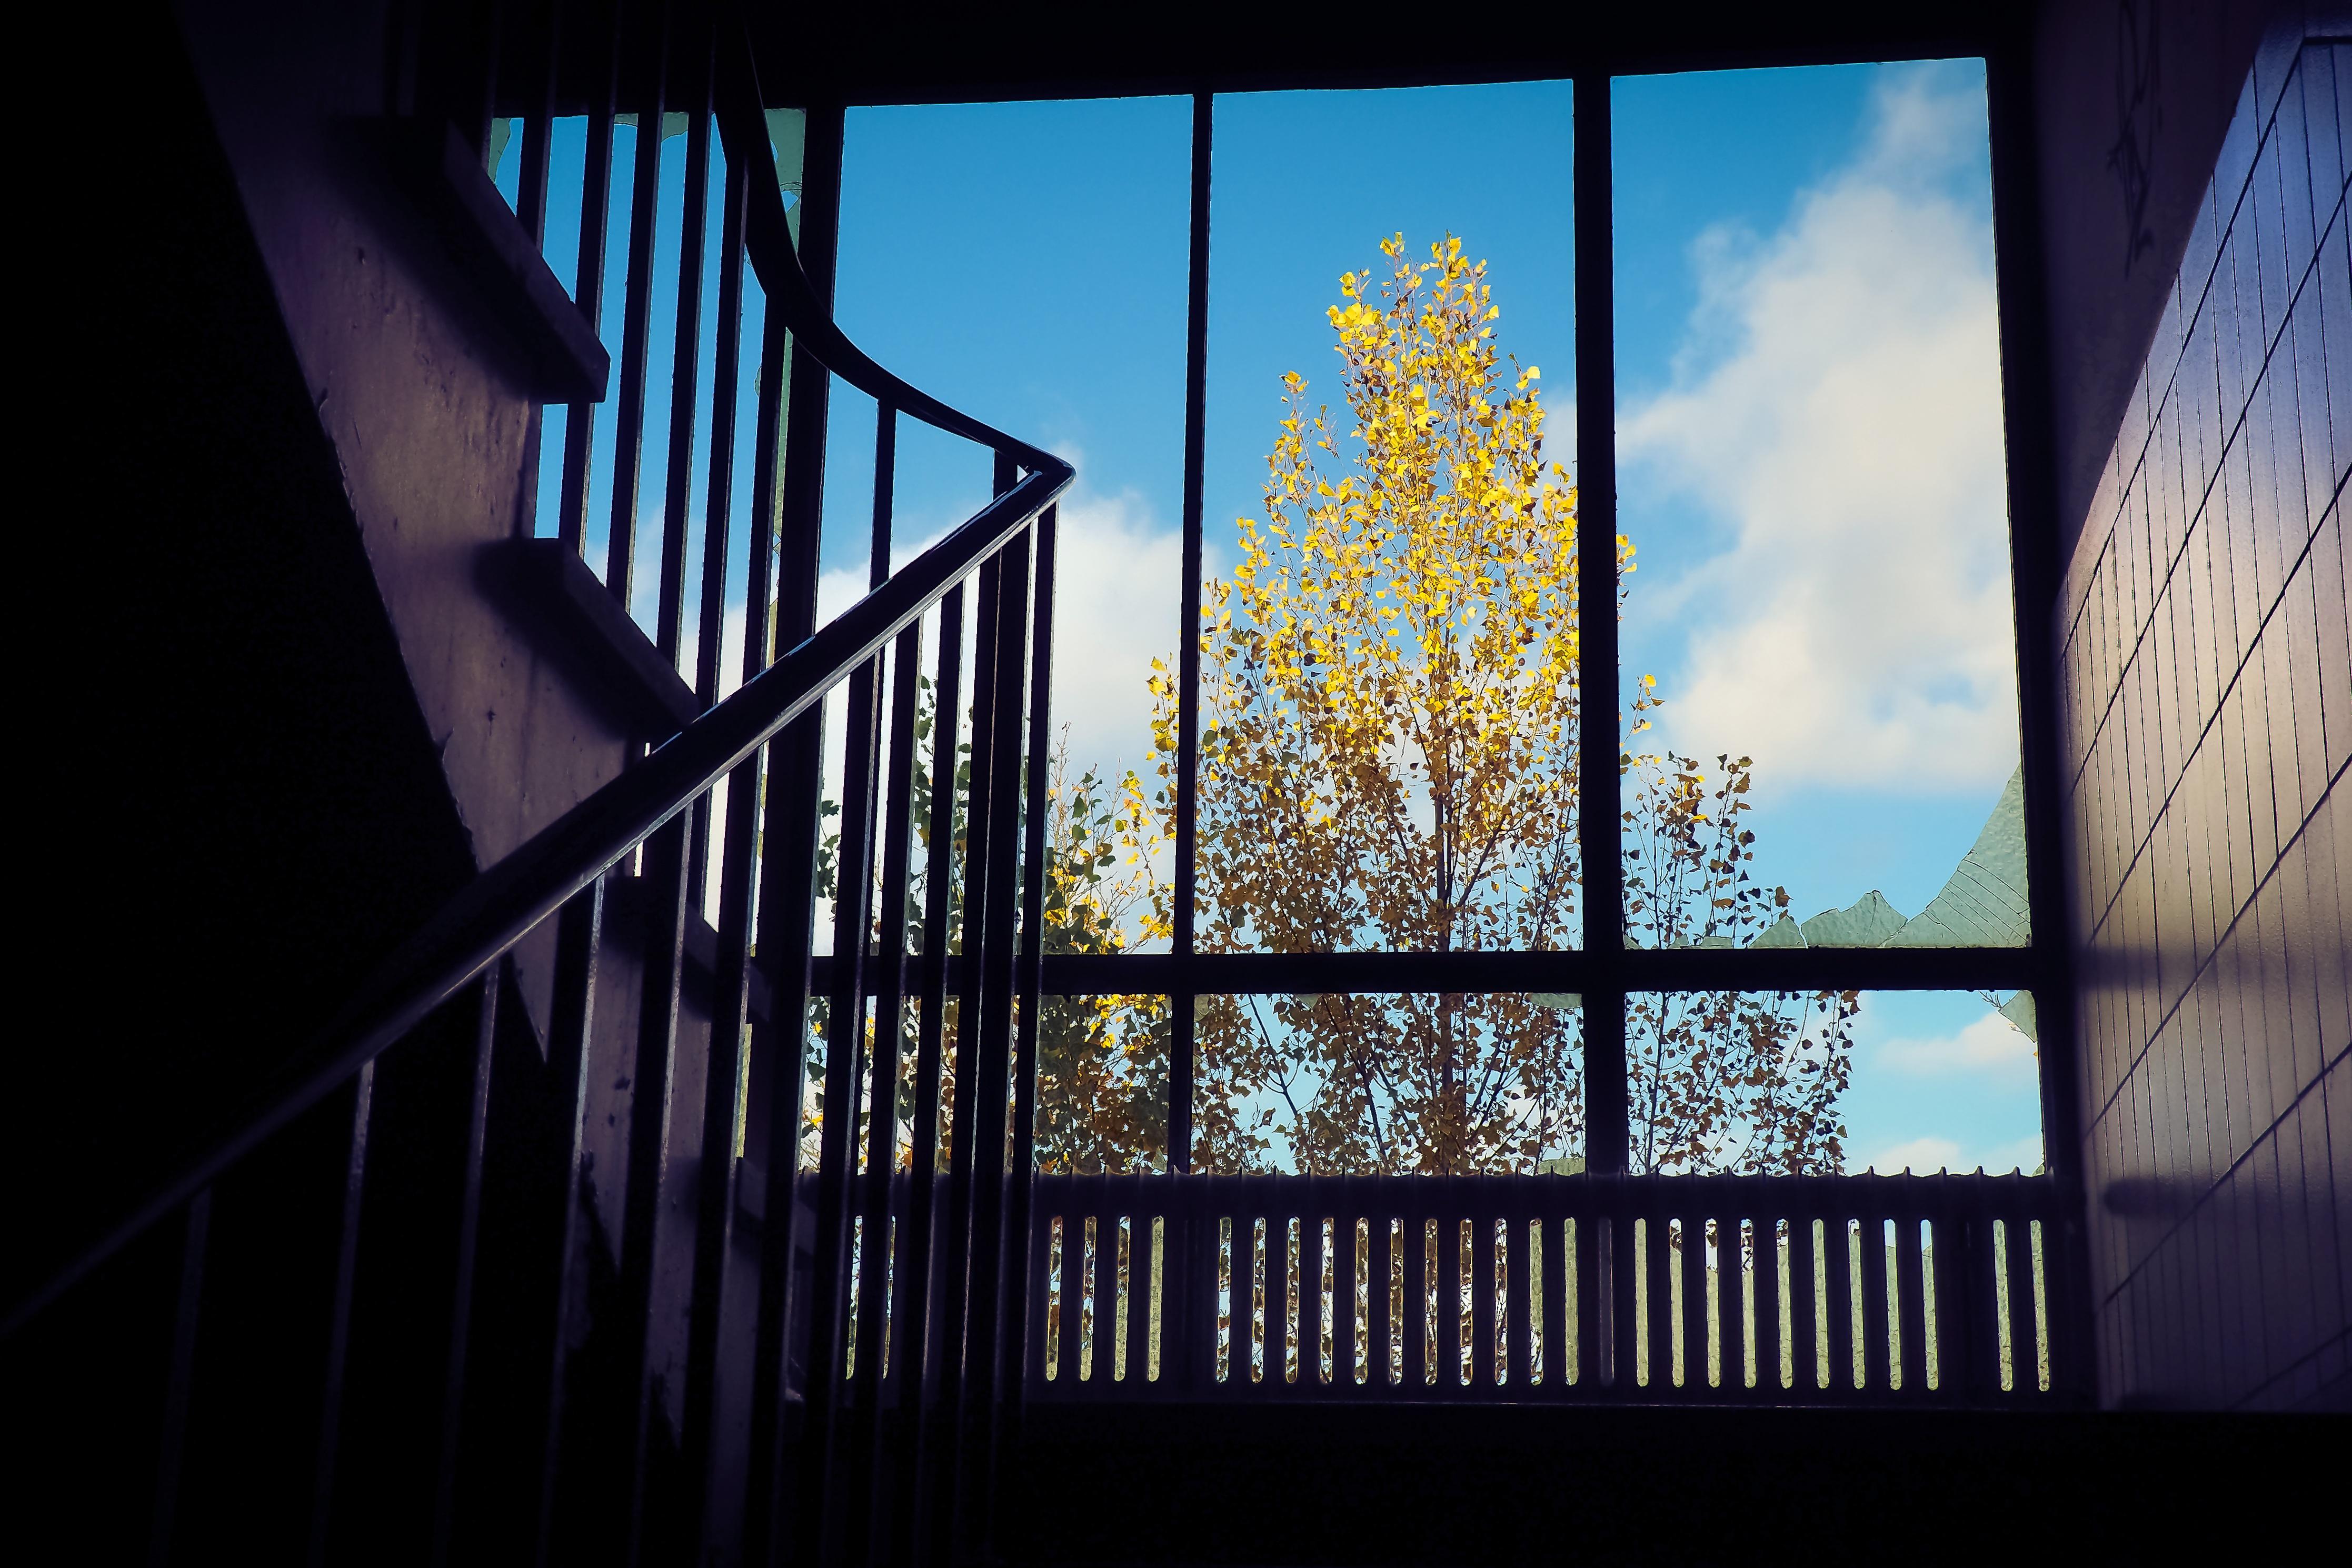 images gratuites arbre architecture nuit lumi re du soleil fen tre vieux atmosph re. Black Bedroom Furniture Sets. Home Design Ideas